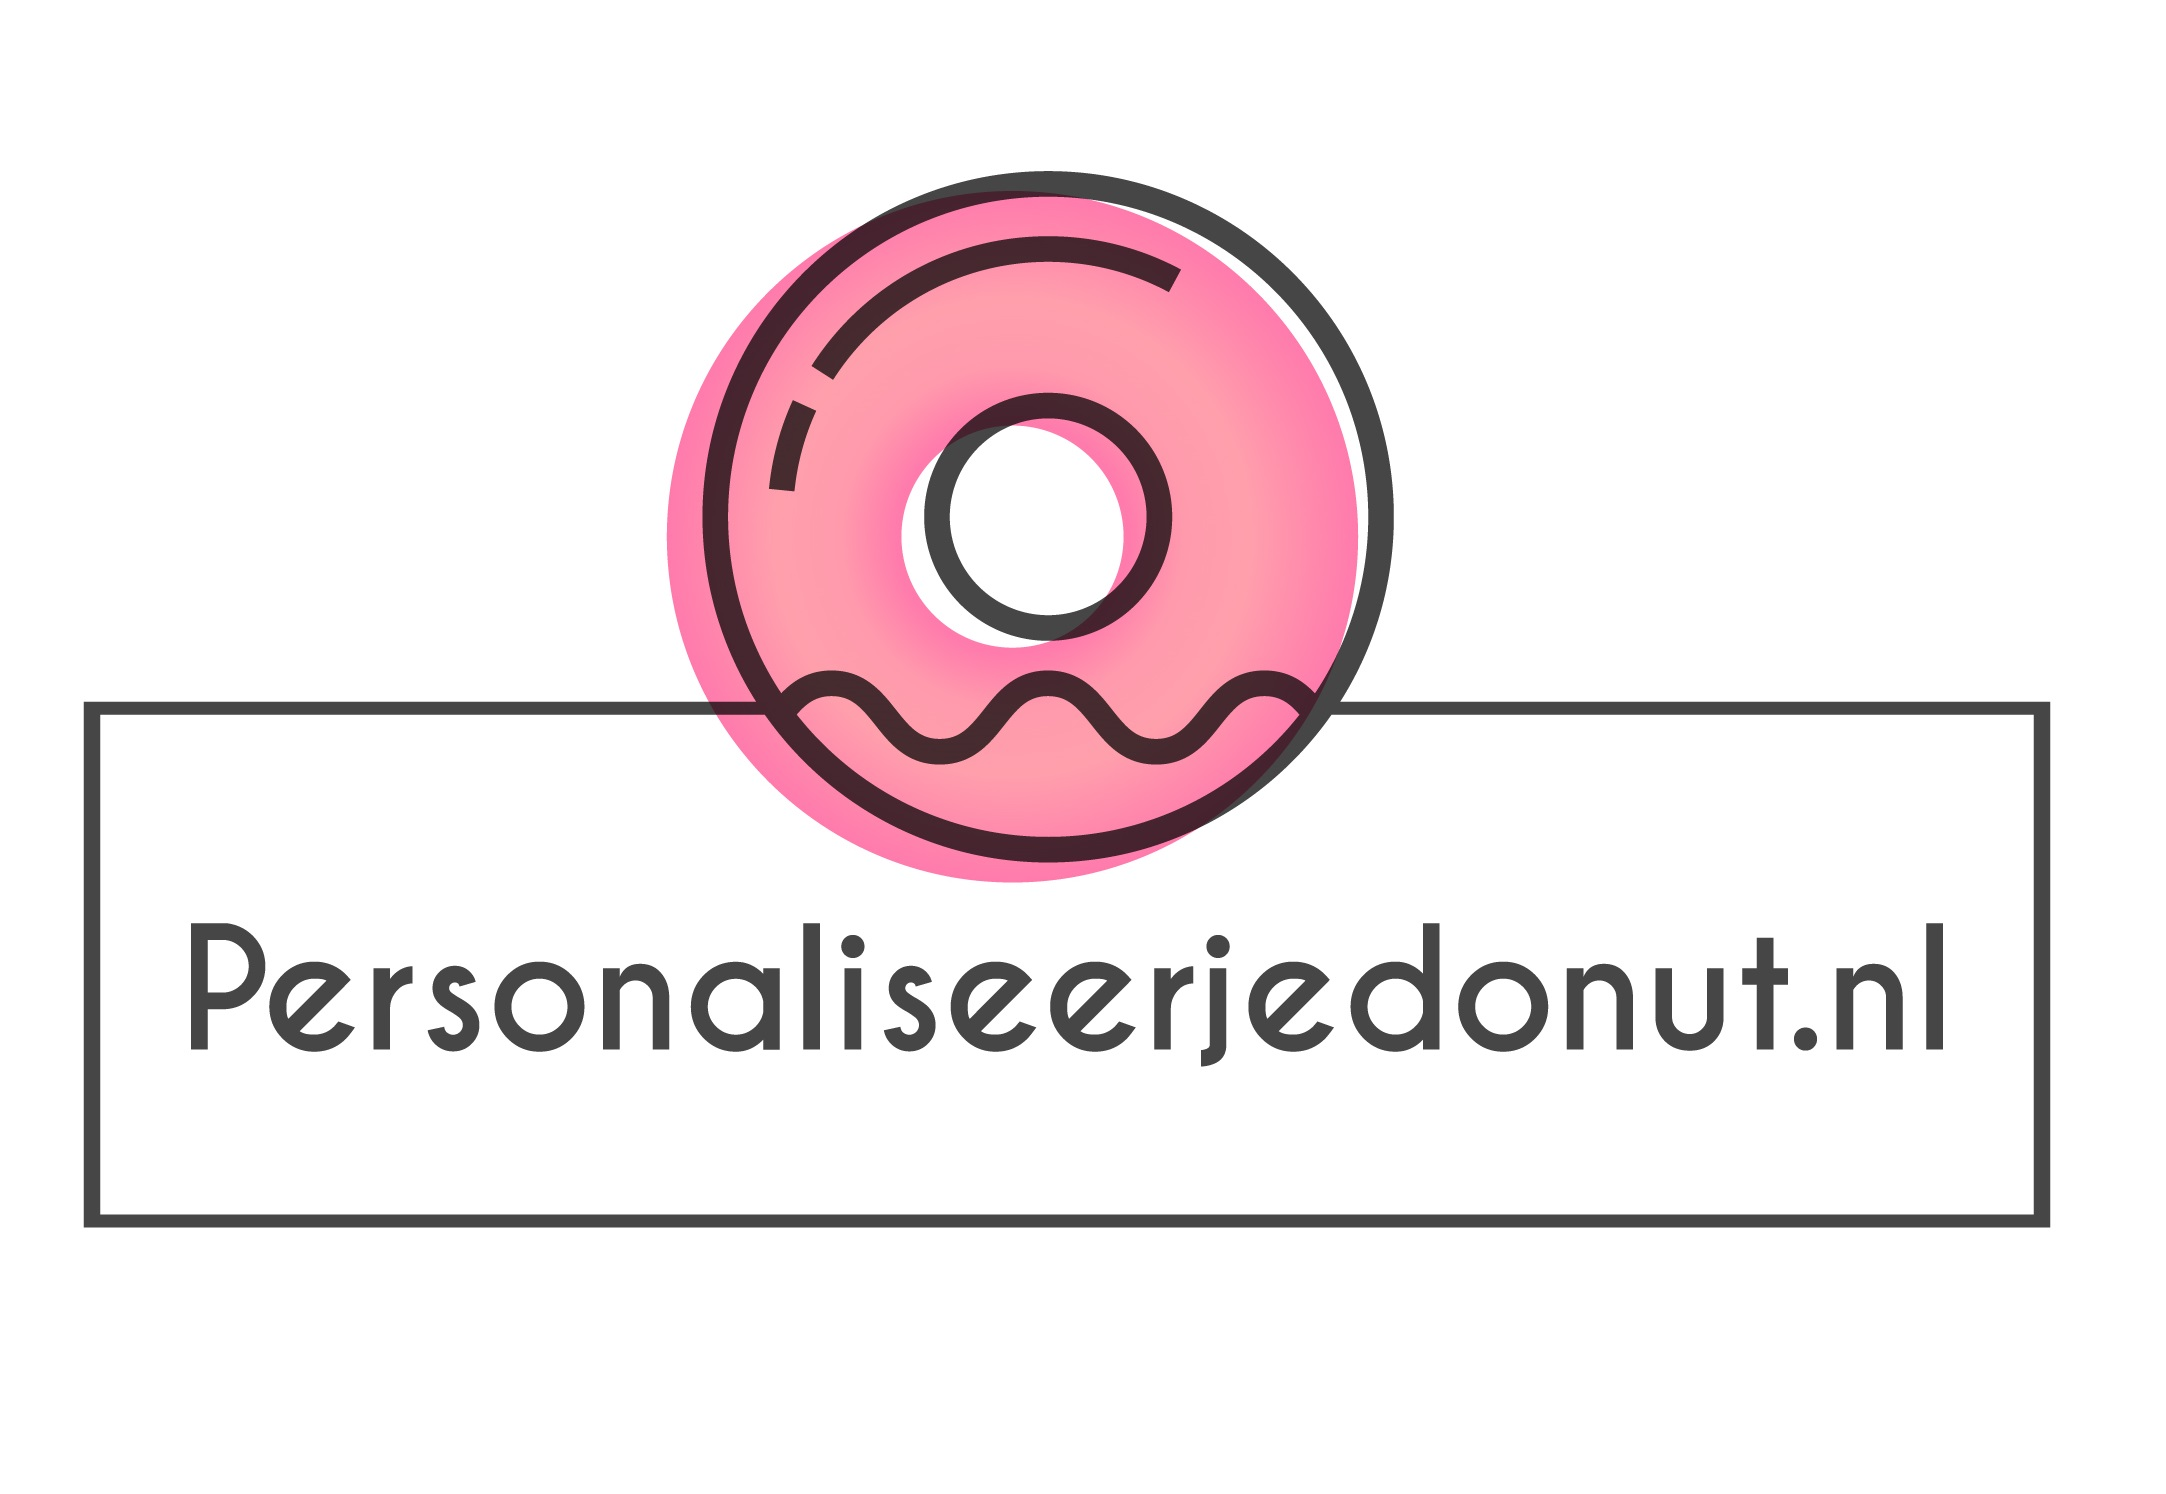 Personaliseerjedonut.nl